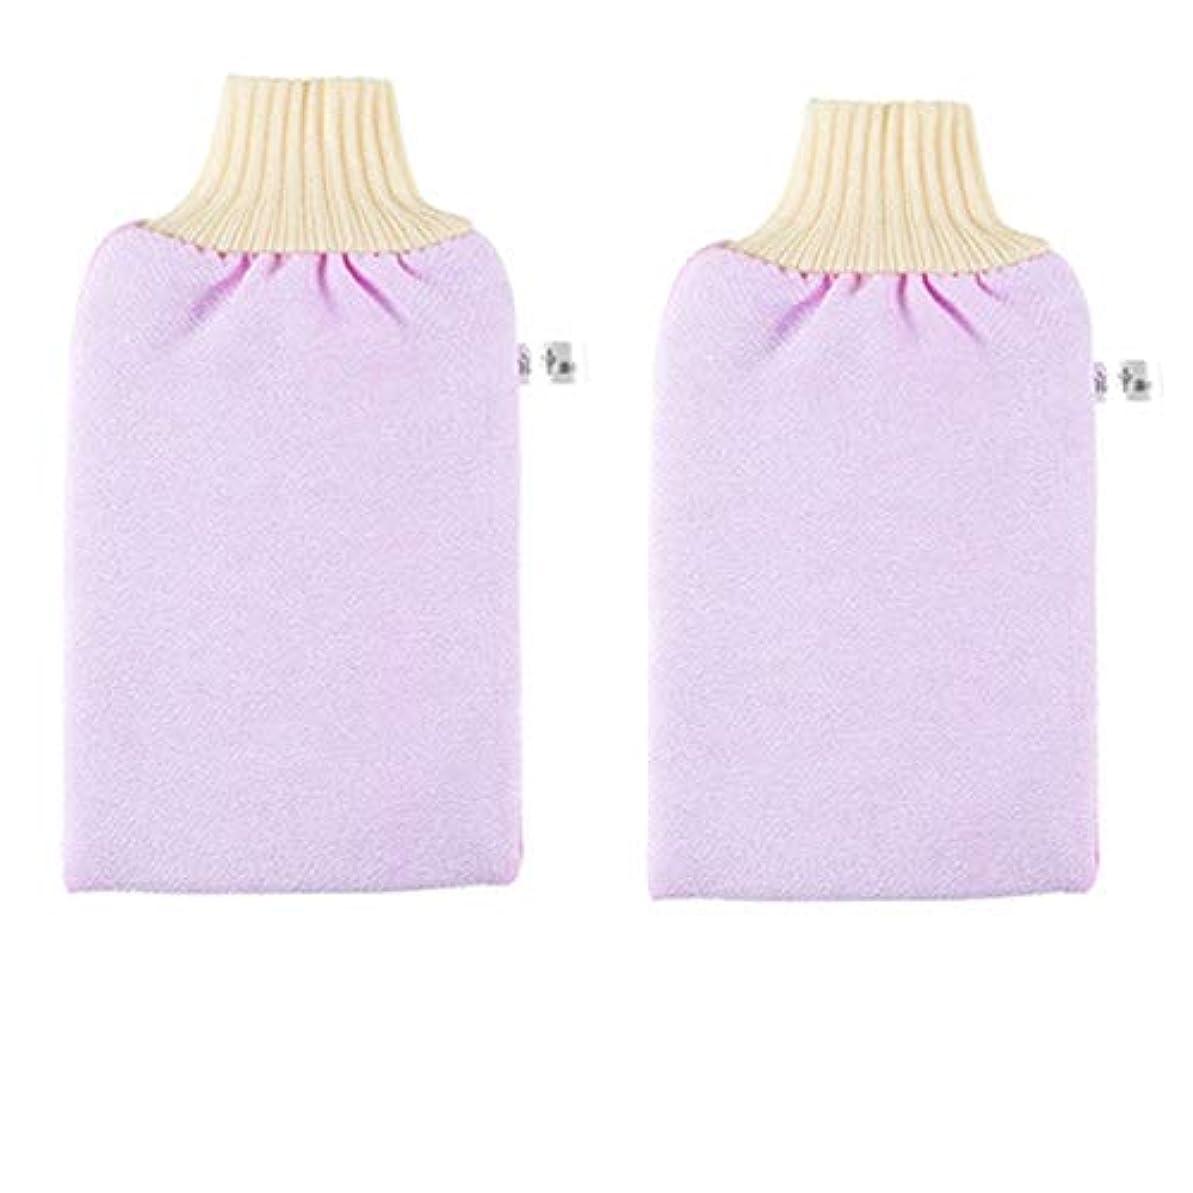 いいね供給ローラーBTXXYJP お風呂用手袋 シャワー手袋 あかすり ボディブラシ やわらか ボディタオル 角質除去 (Color : Pink-2 packs)